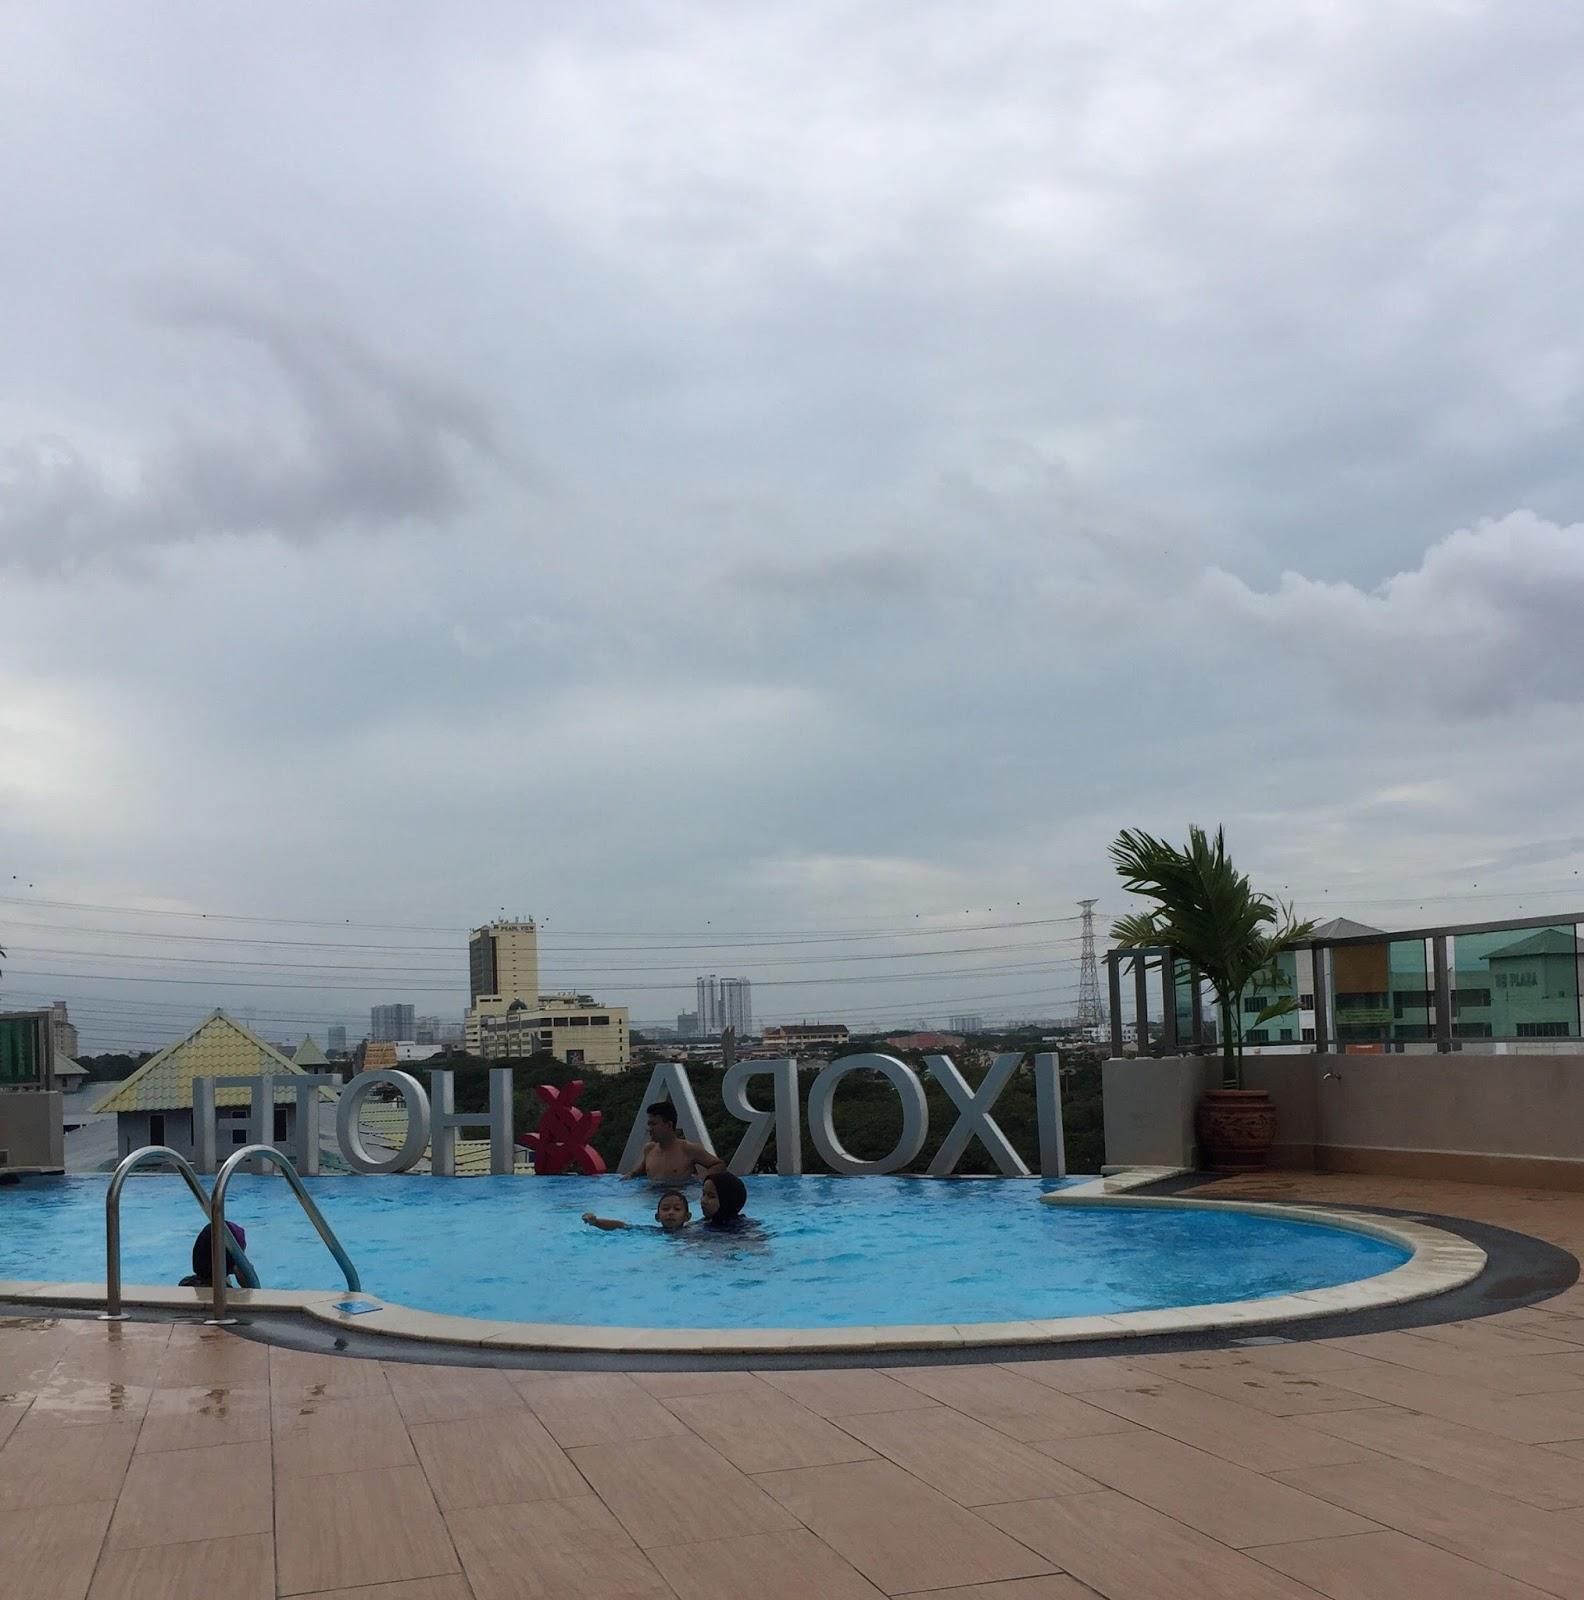 easy access hotel, penginapan menarik, ixora hotel Penang, percutian keluarga, Pulau Pinang